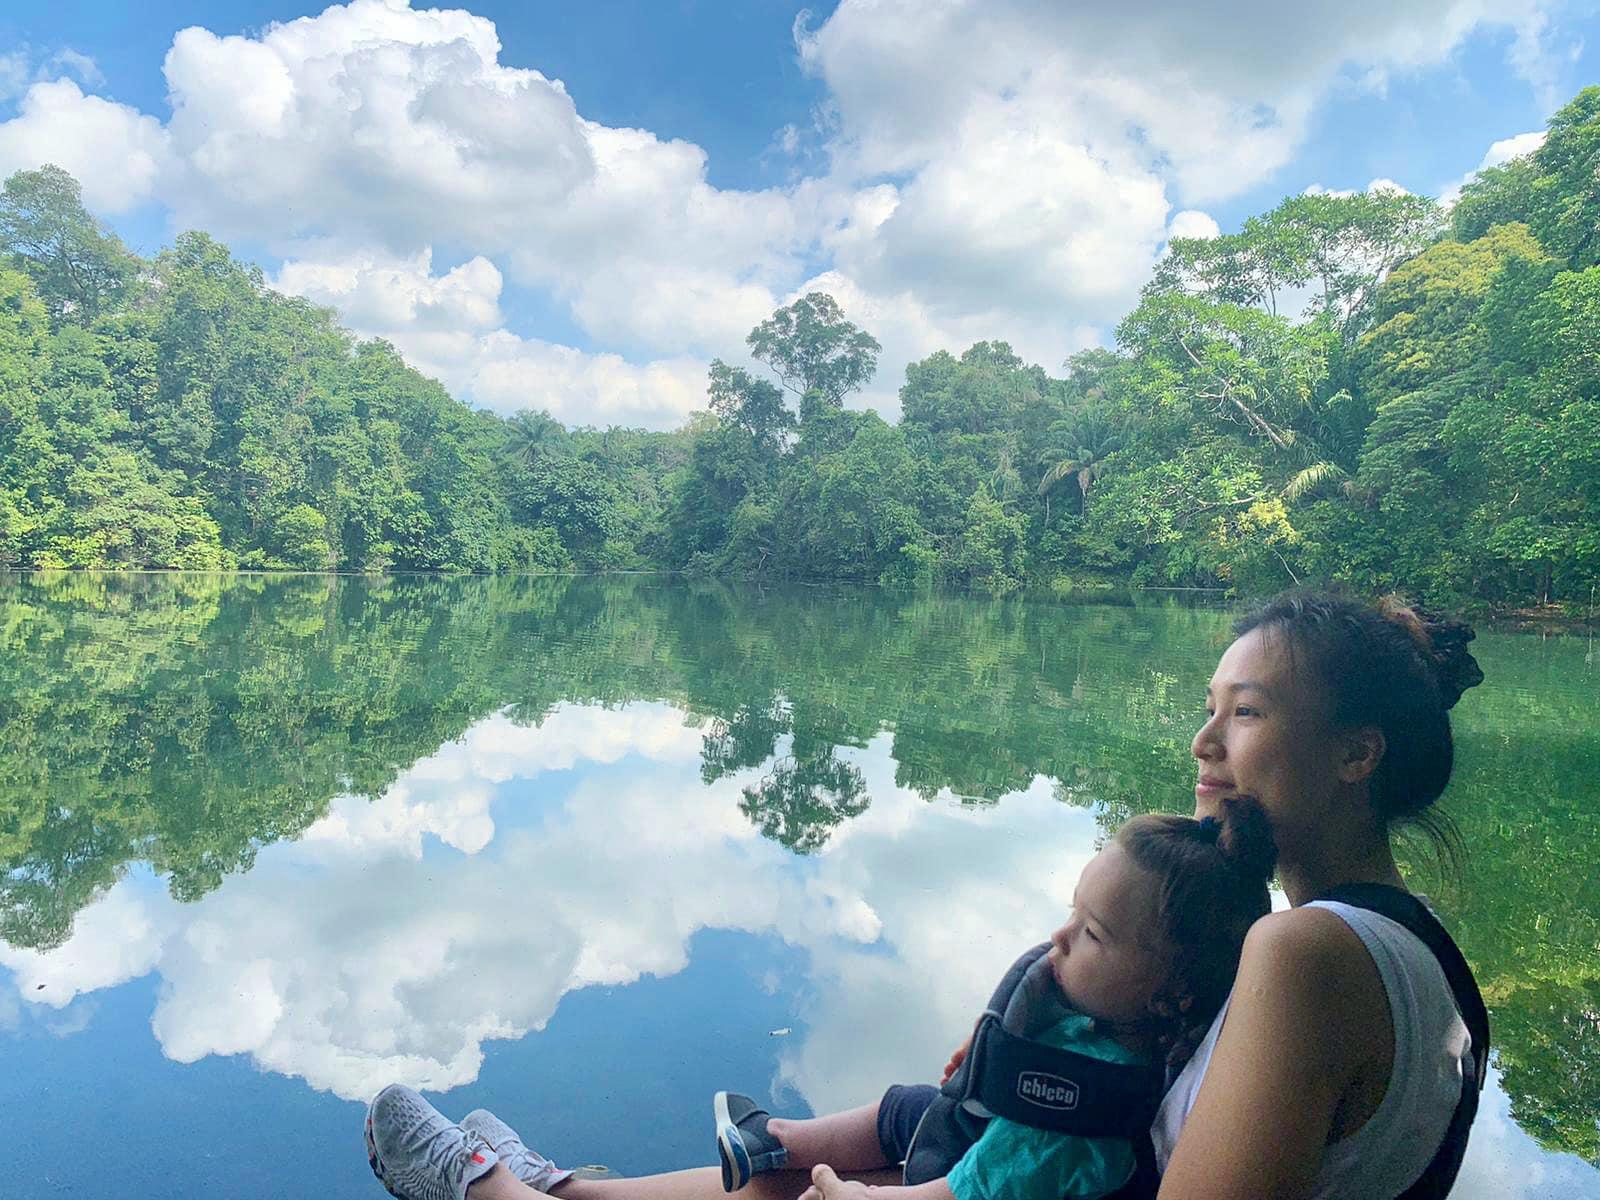 Hoàng Oanh bình yên ngắm mây trời cùng con trai.